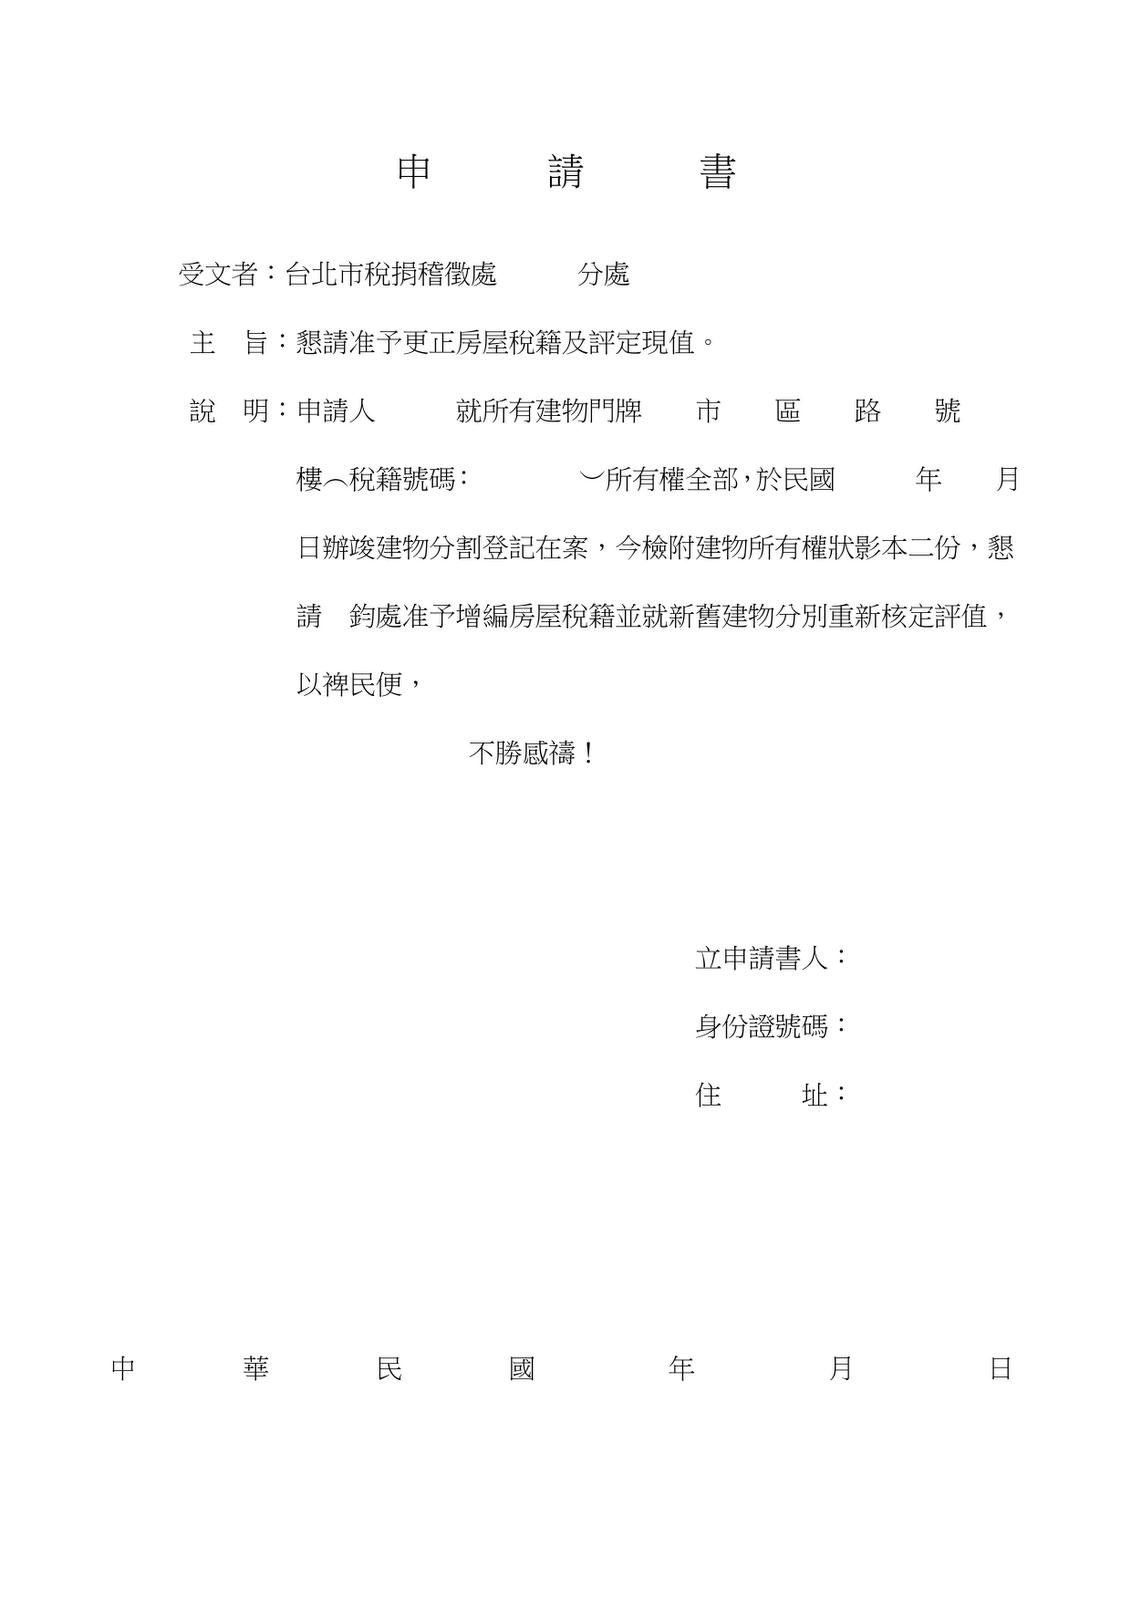 土地委託授權書表格